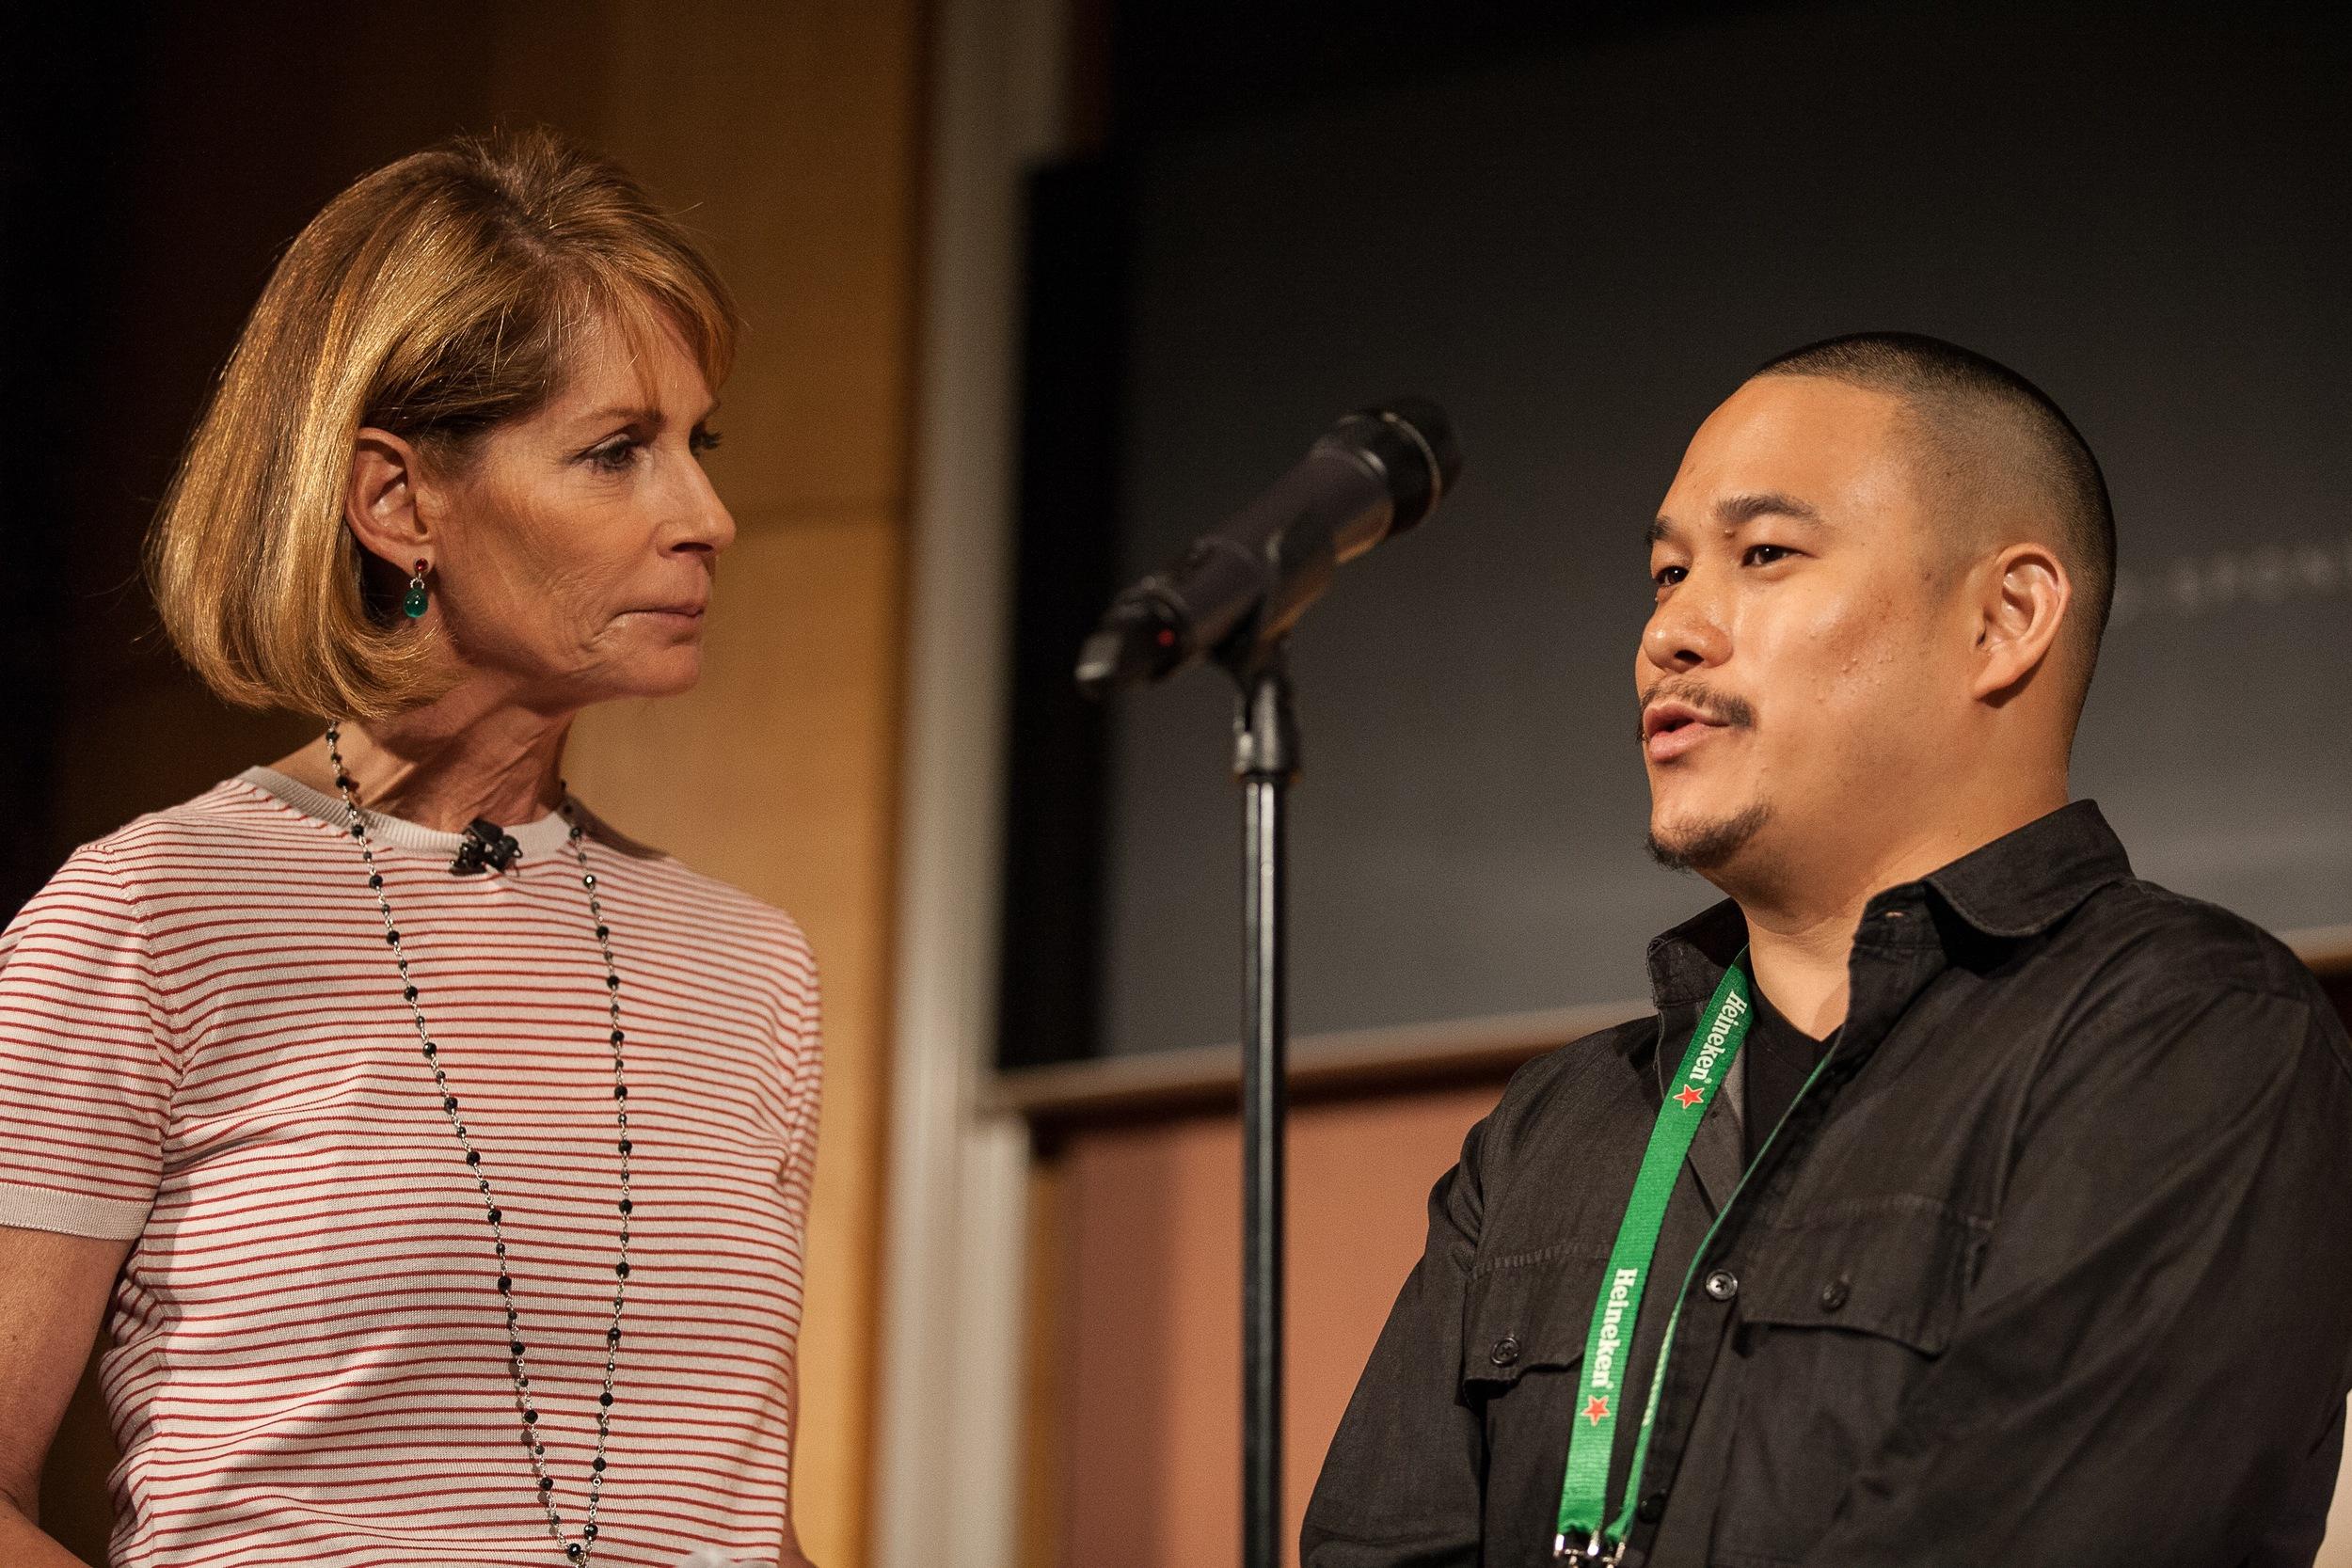 Tribeca Disruptive Innovation Awards 2013 - 071.jpg